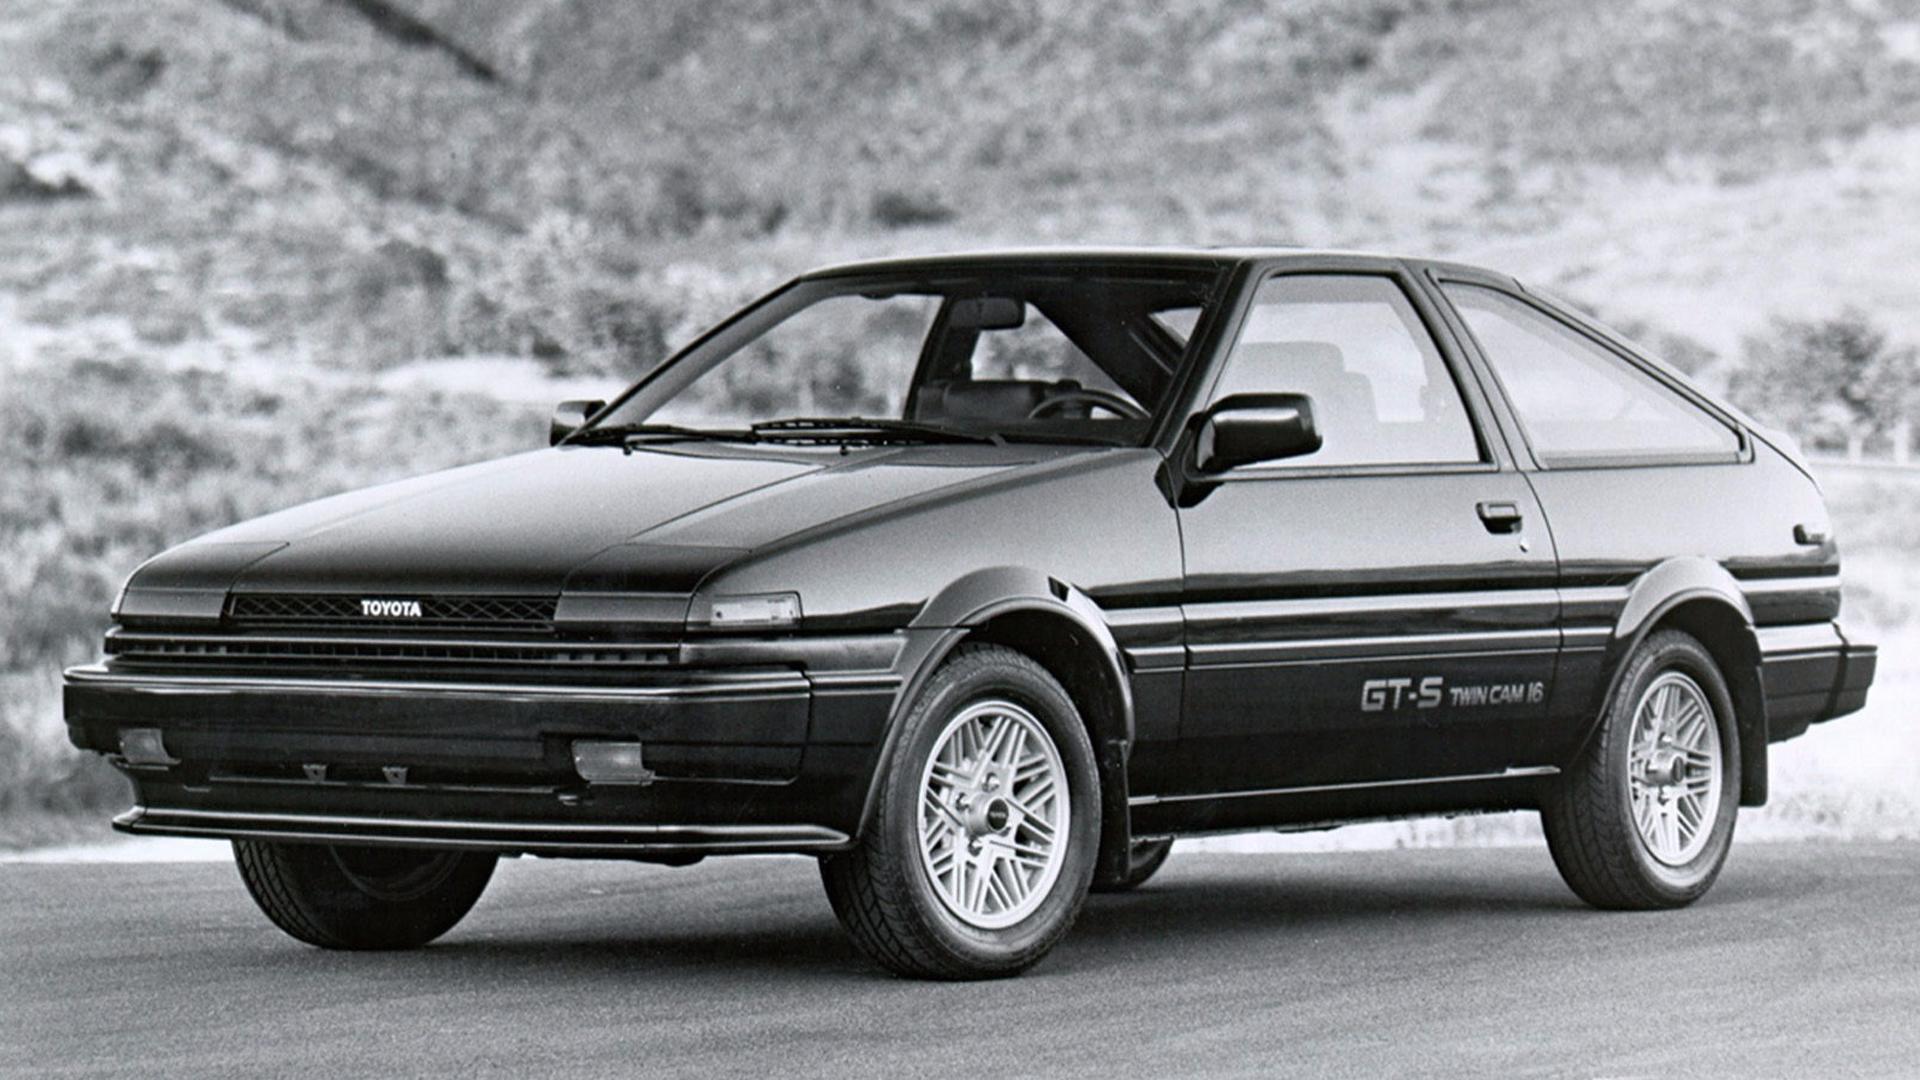 Kekurangan Toyota Corolla 1983 Murah Berkualitas